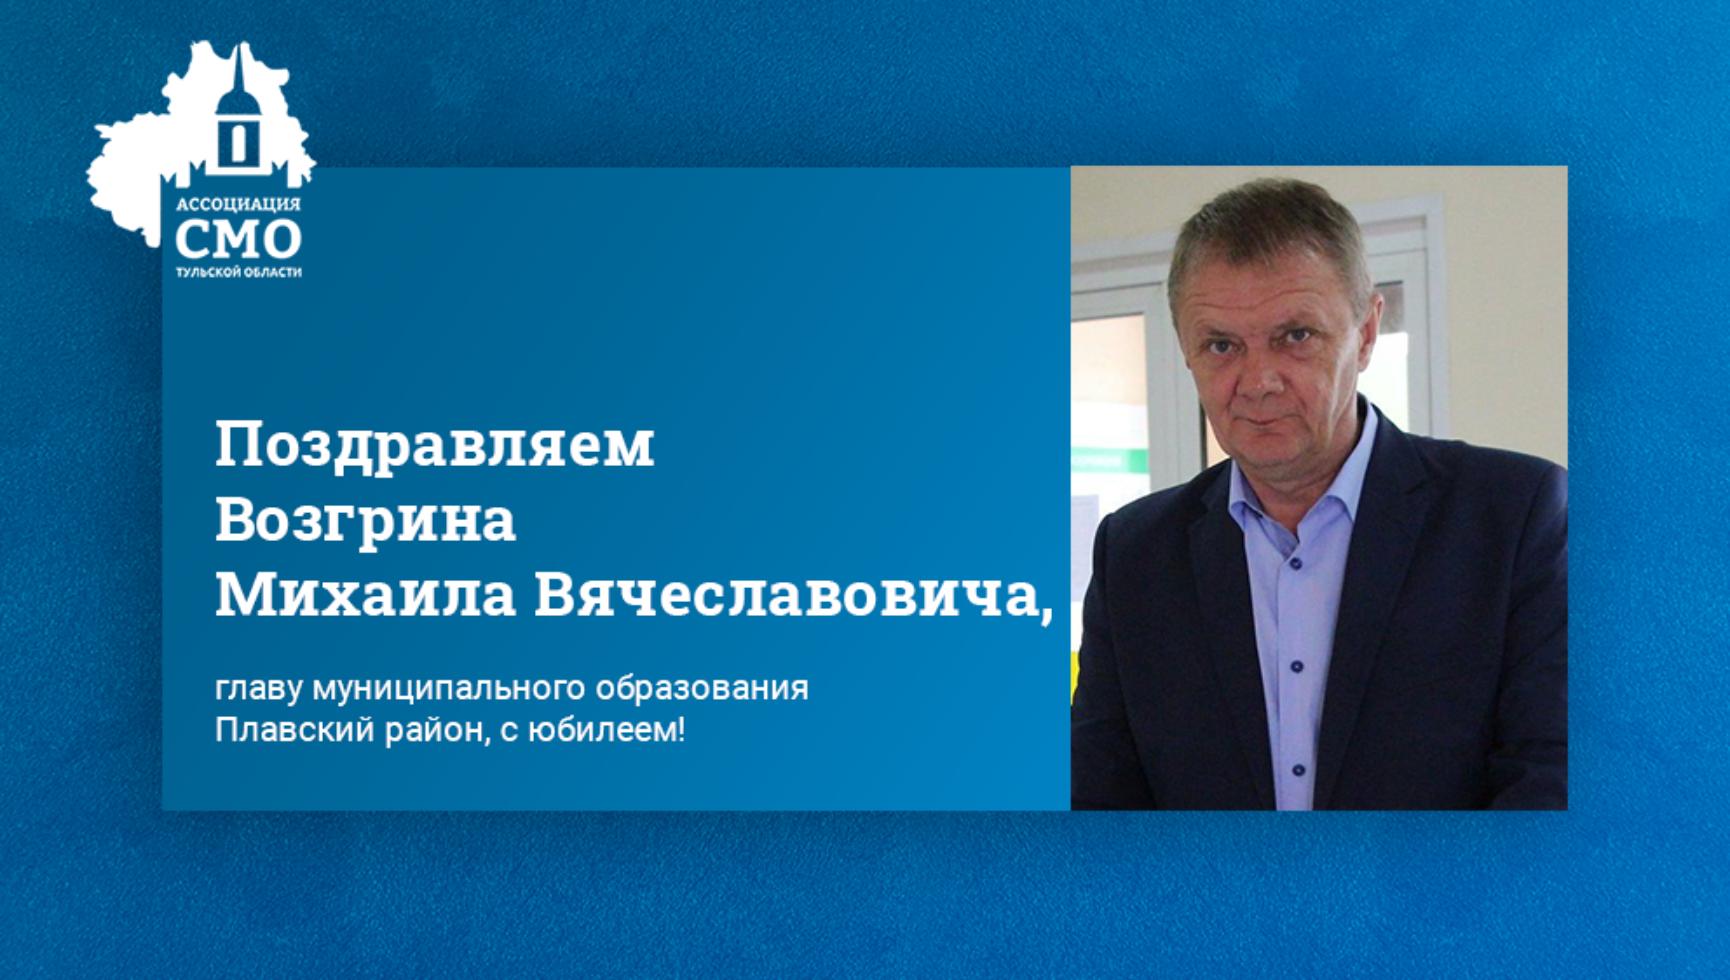 Поздравляем Возгрина Михаила Вячеславовича, главу муниципального образования Плавский район, с юбилеем!